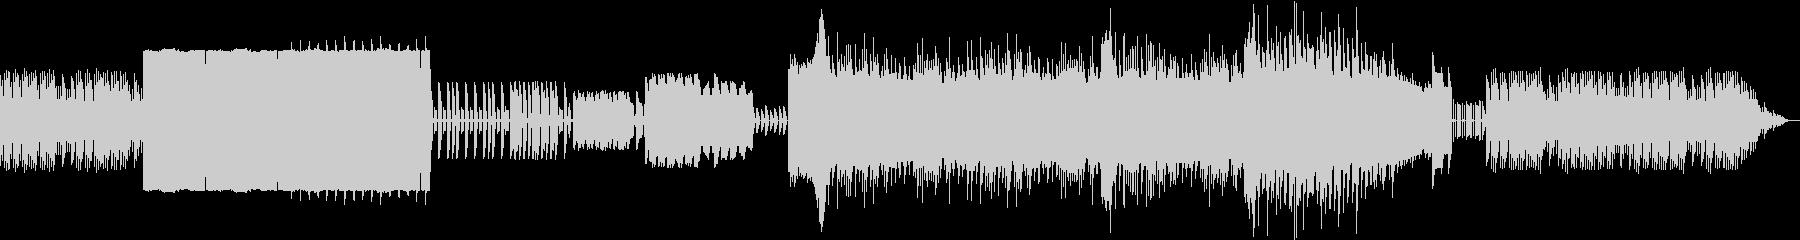 ファミコン音源で作られたほのぼの系BGMの未再生の波形